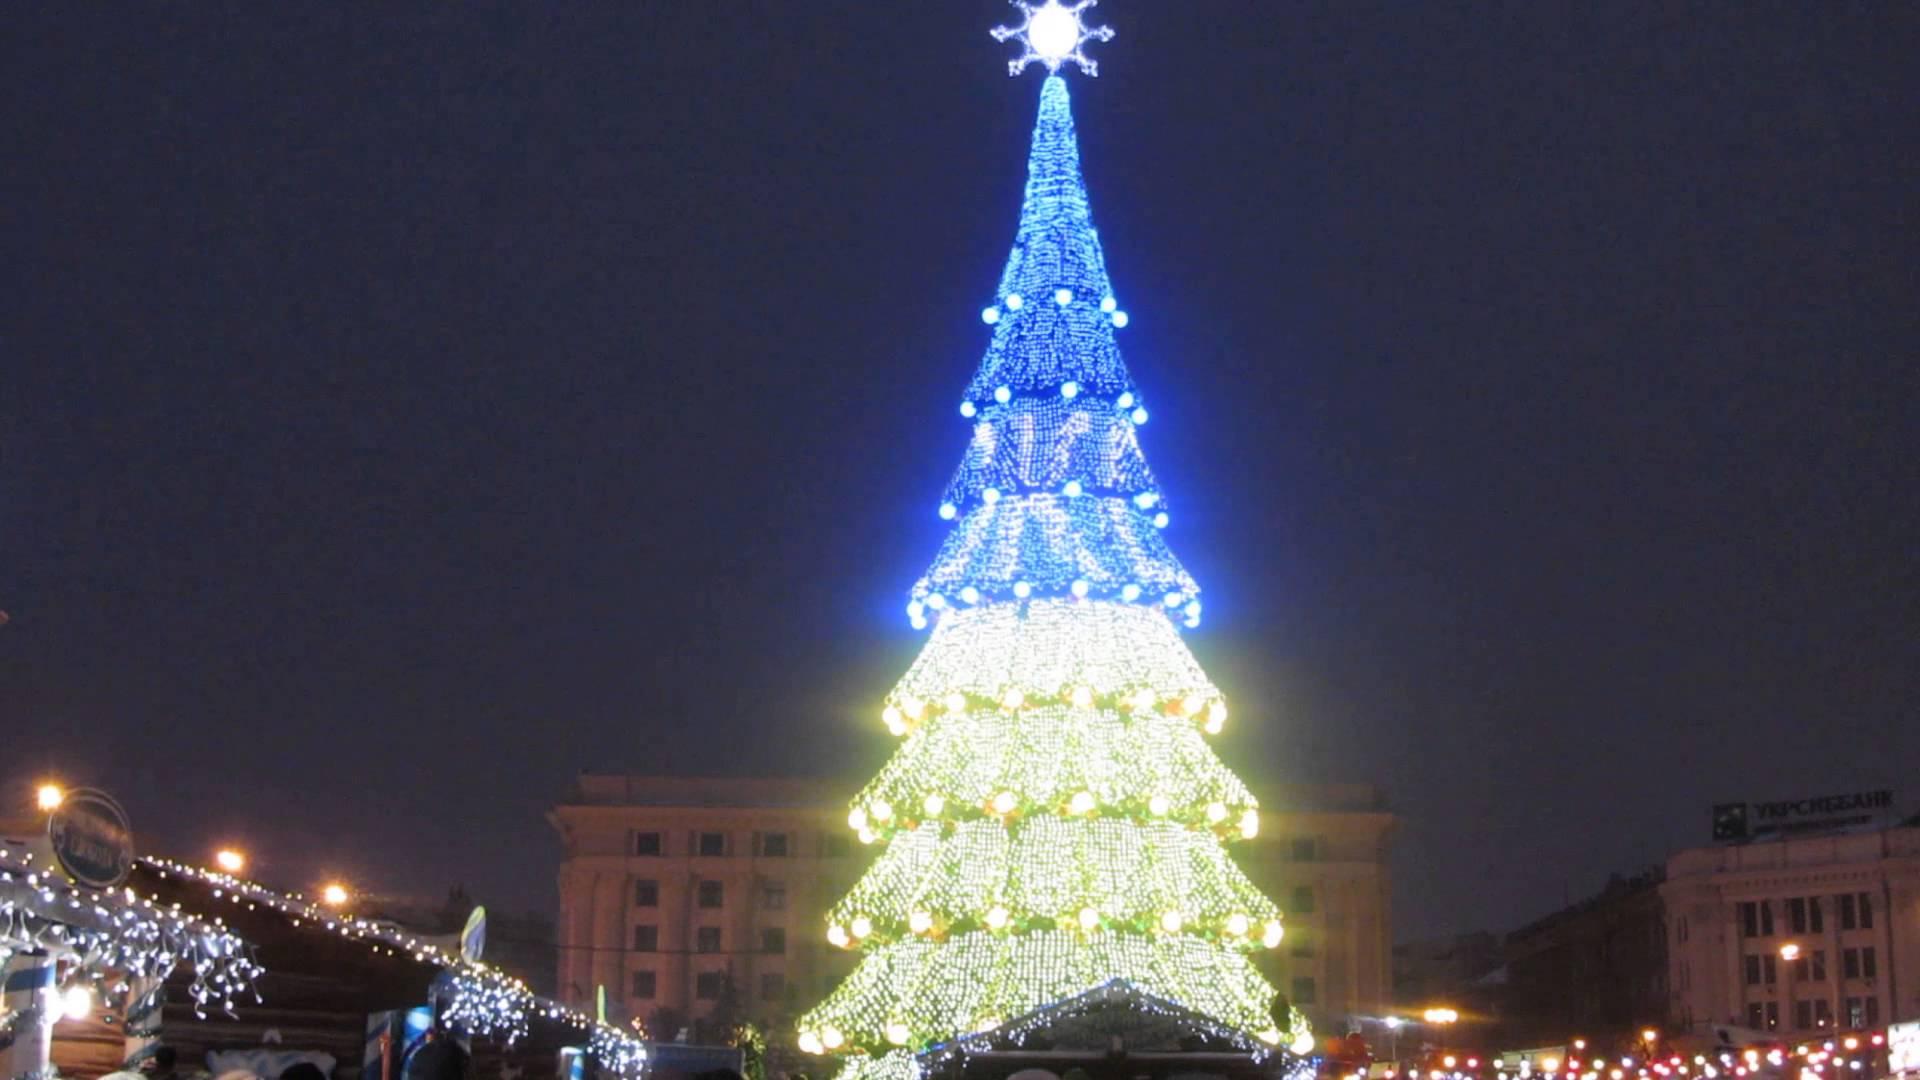 Тридцать шесть метров и двадцать сантиметров. Харьковская елка – официально самая высокая в Украине